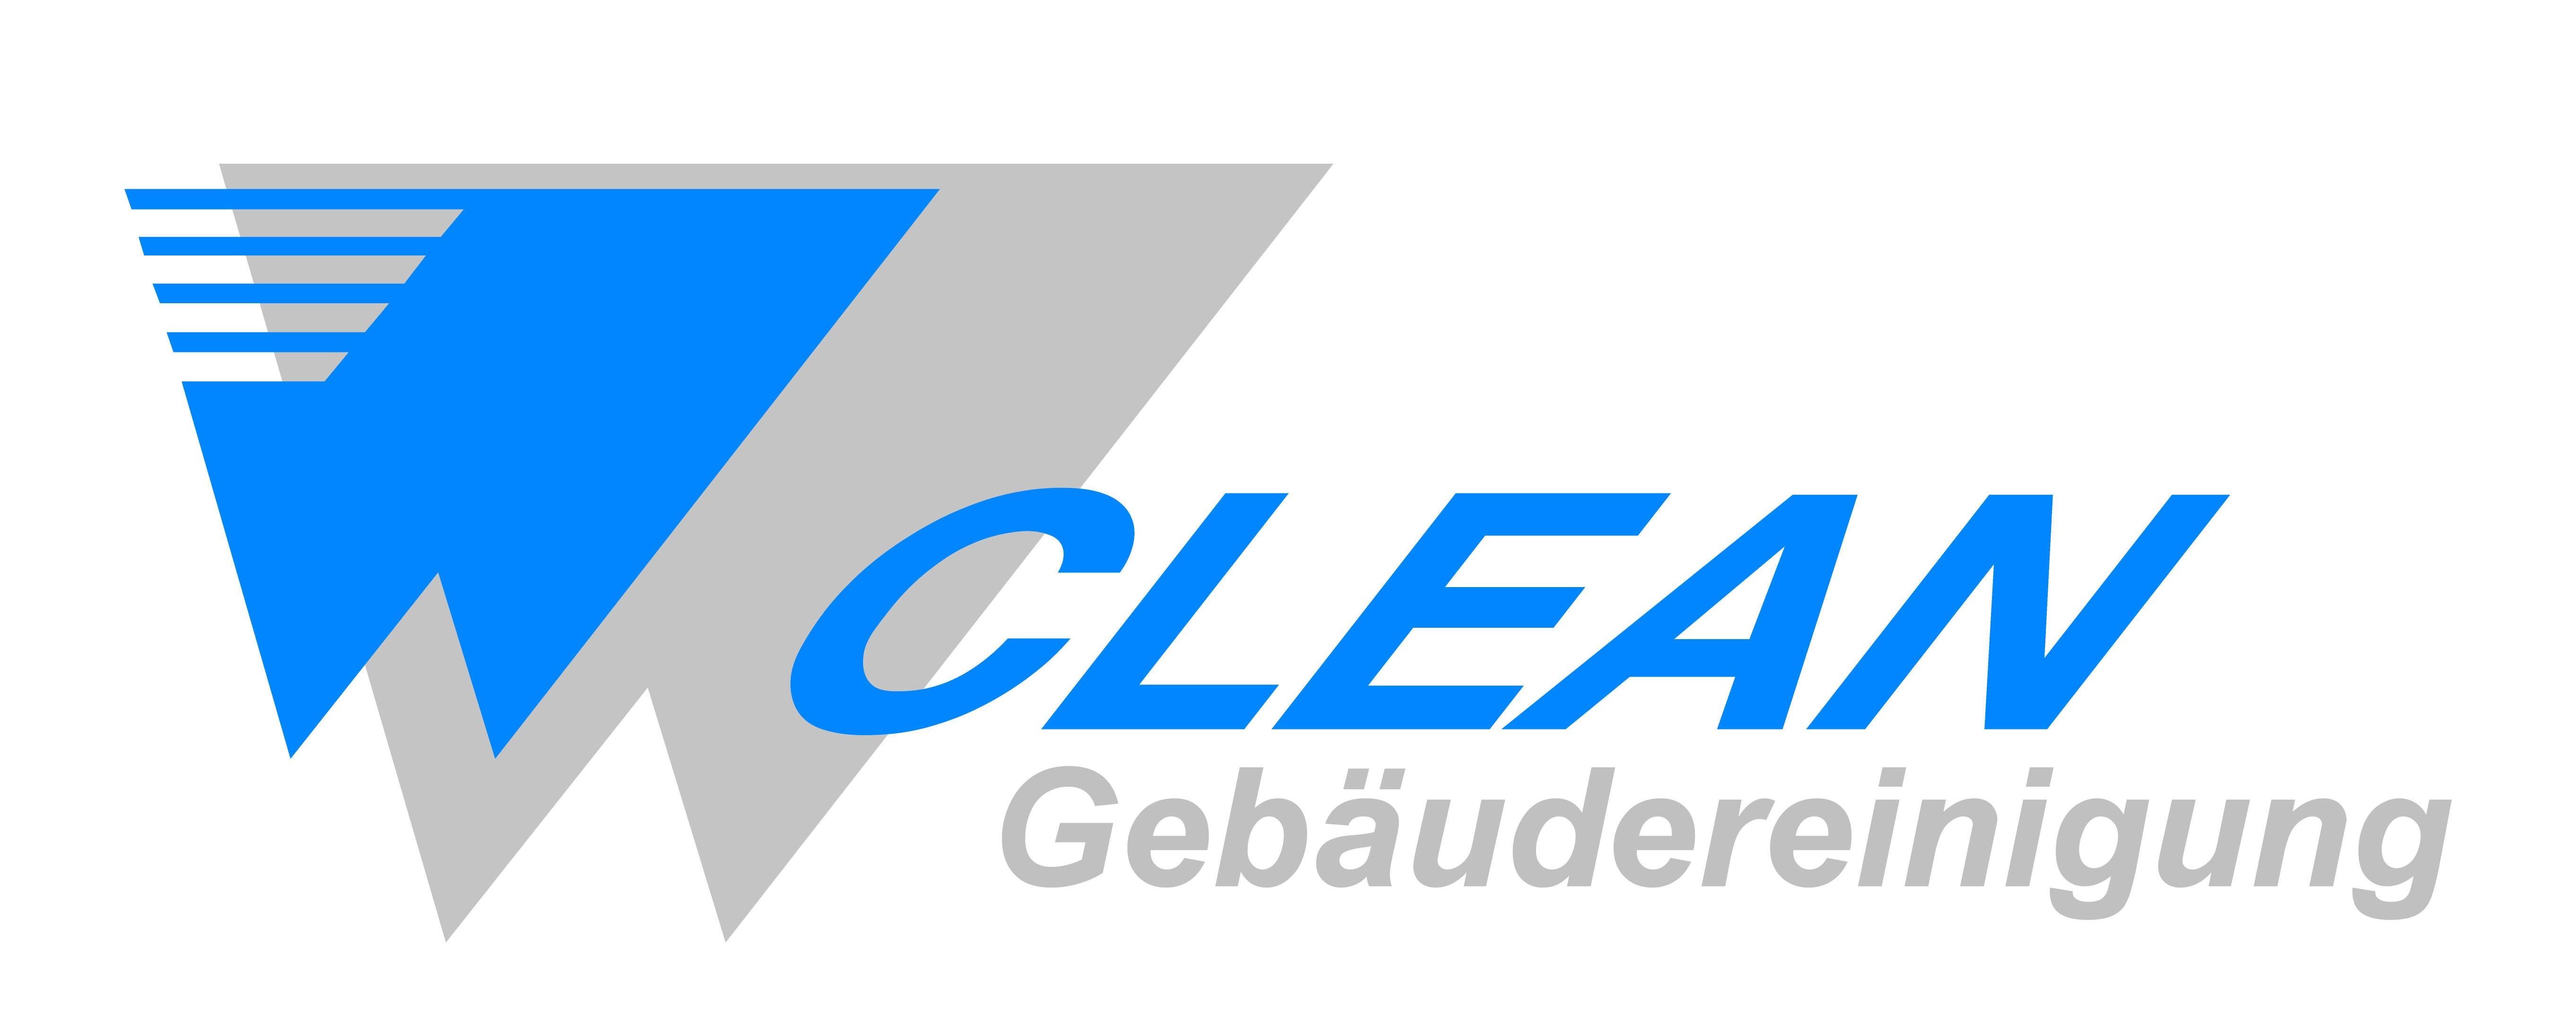 Gebäudereinigung WW-Clean e.K.